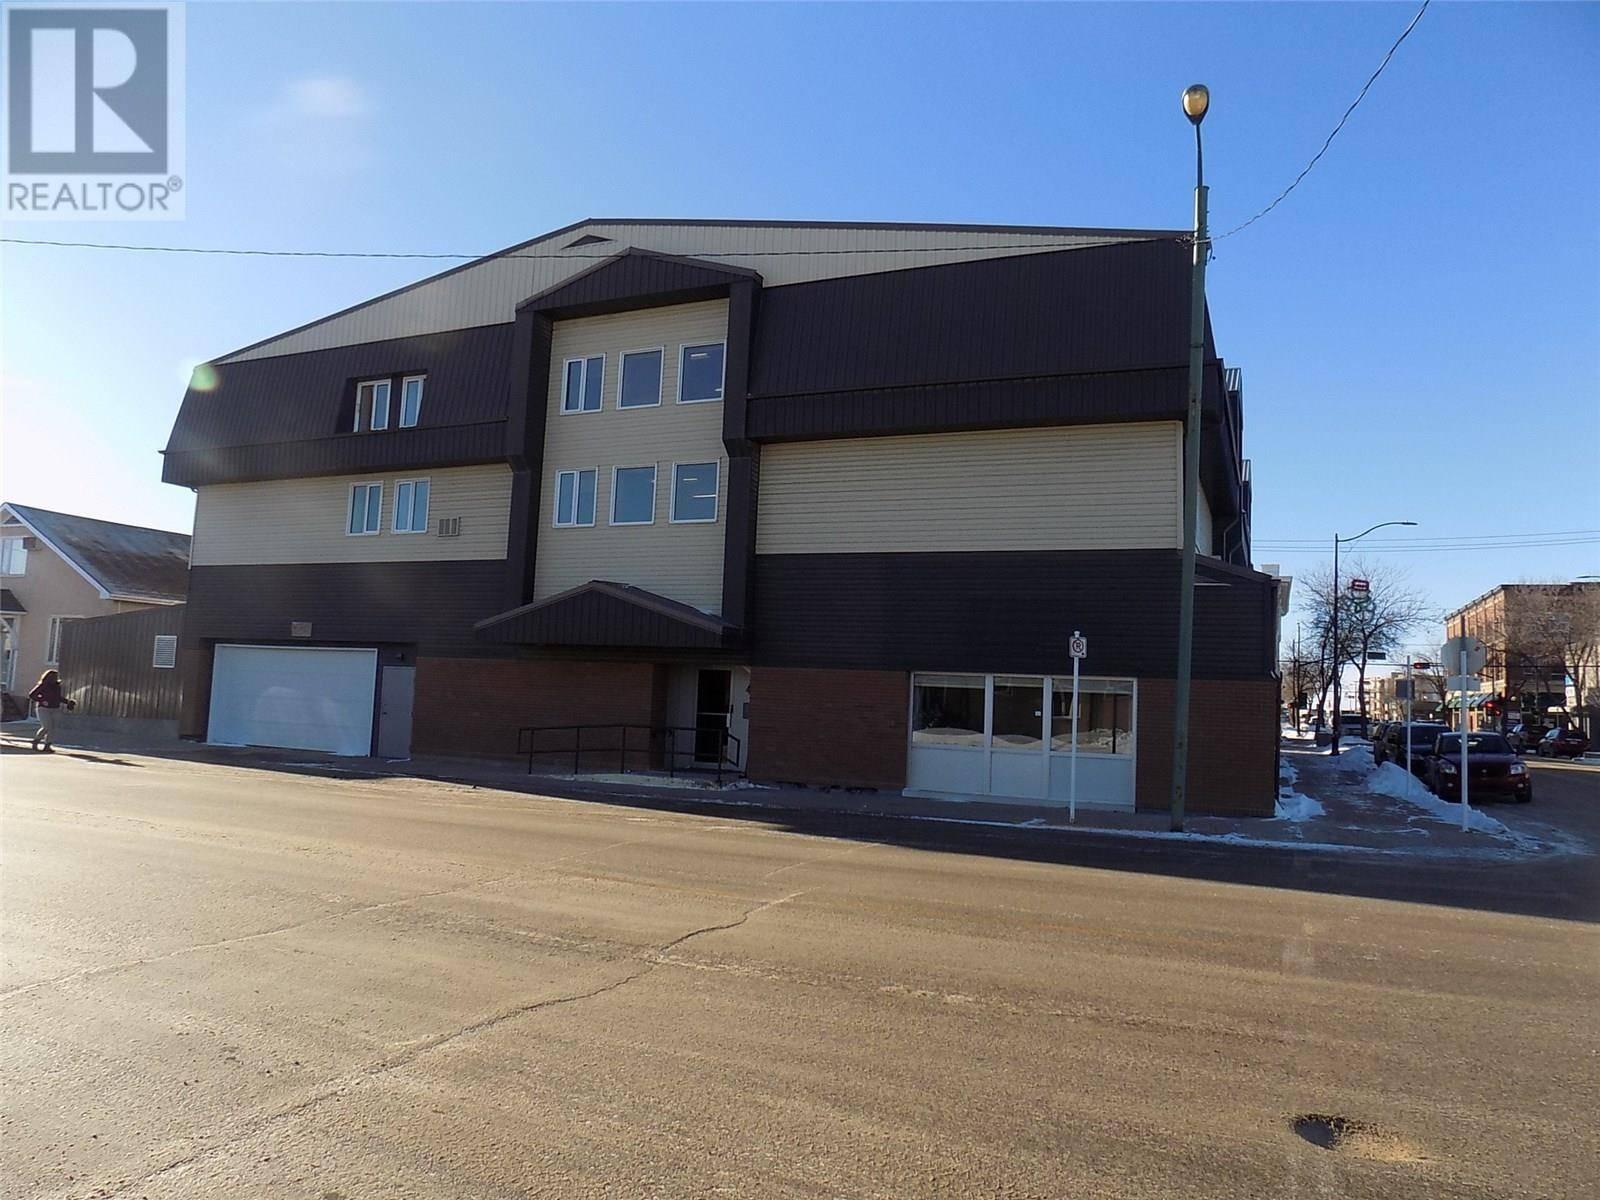 Condo for sale at 41 4th St Ne Unit 305 Weyburn Saskatchewan - MLS: SK757786